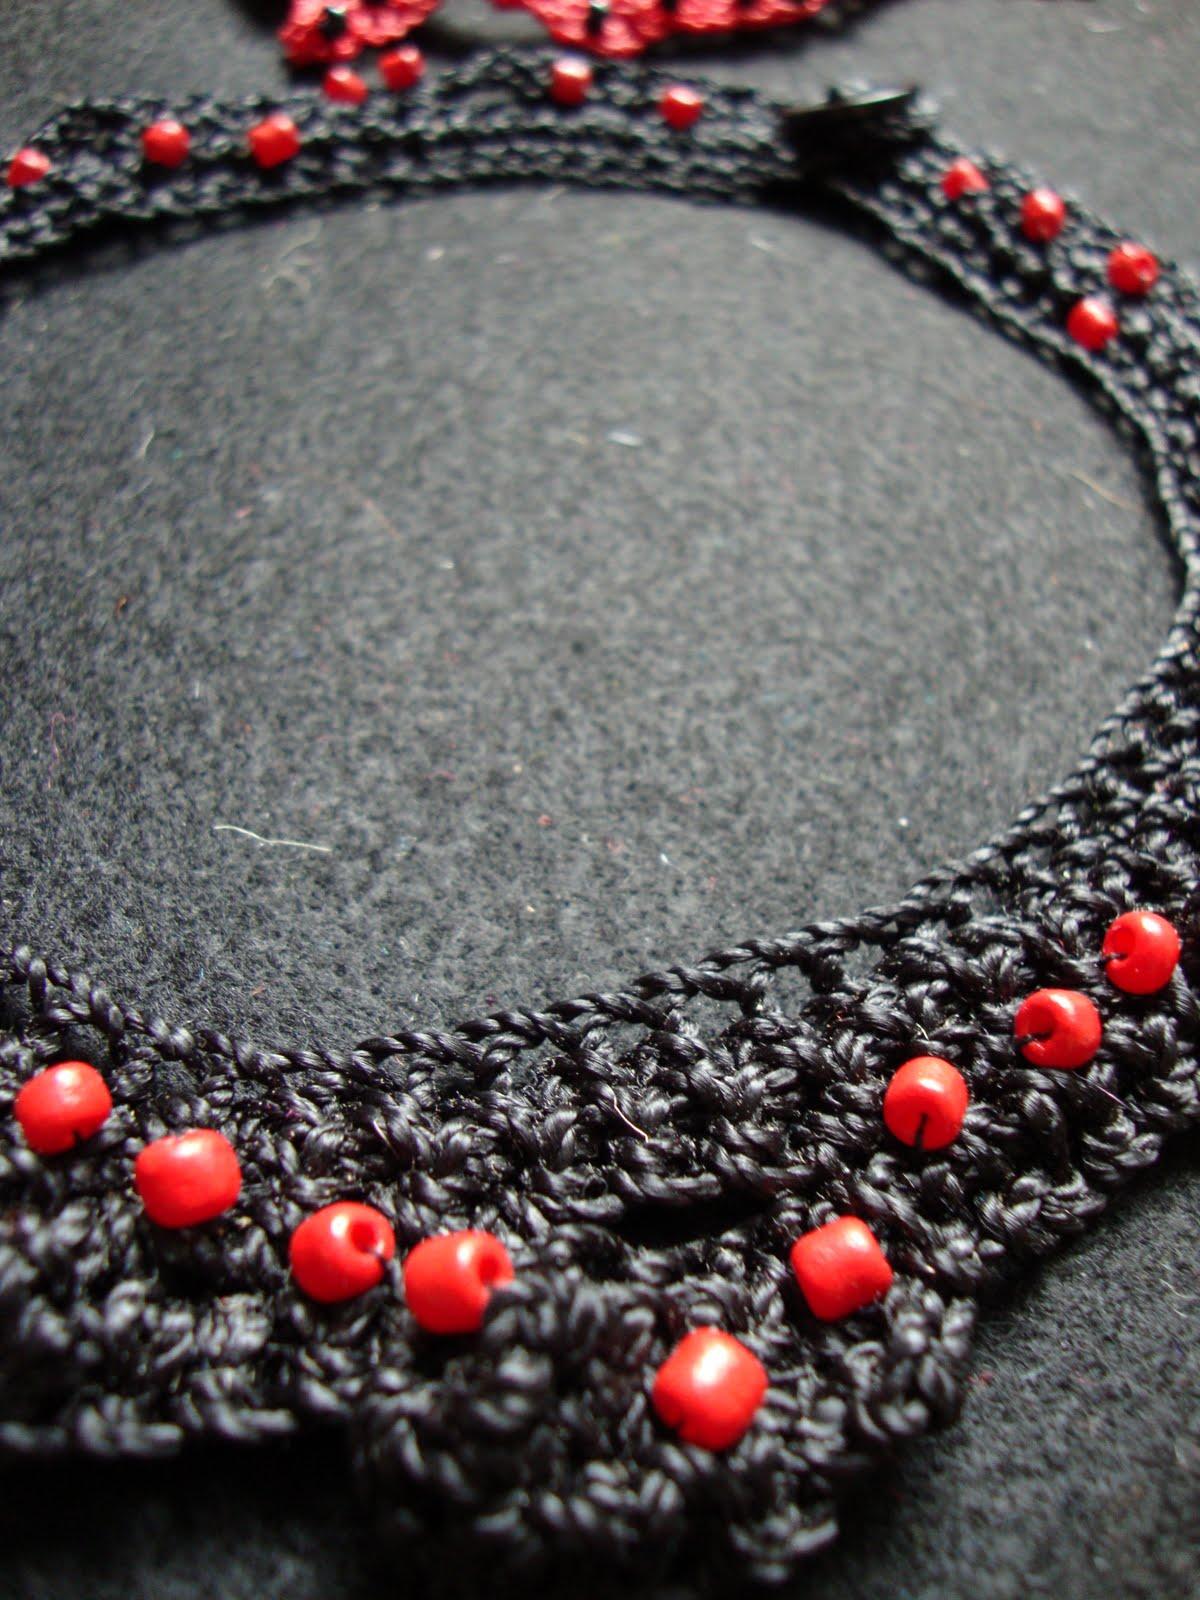 Collares tejidos a crochet en hilo encerado. No hay ningún patrón así que nunca habrá otro igual.